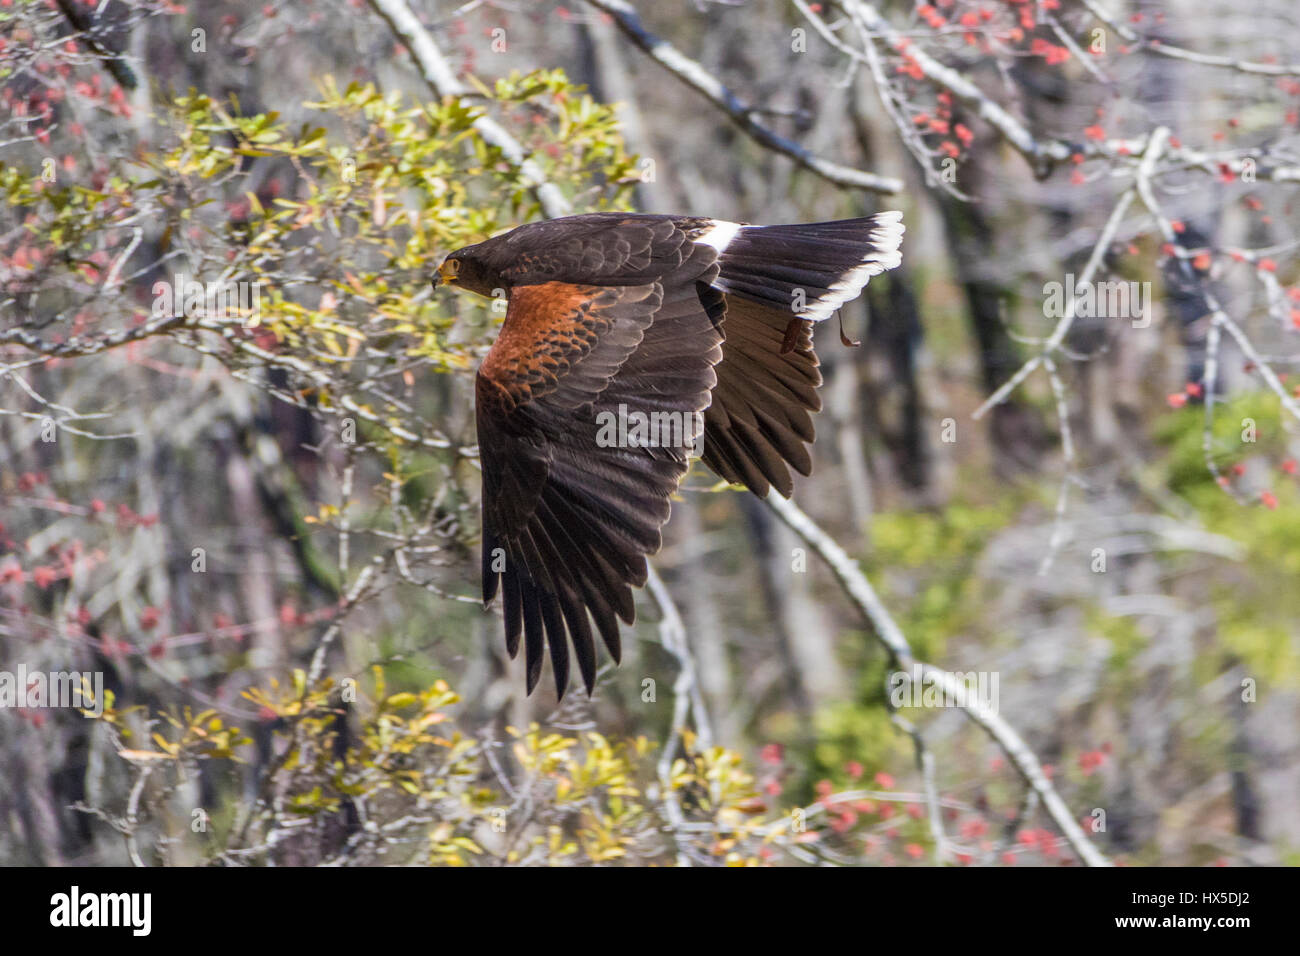 Harris Hawk in Callaway Garden Birds Of Prey Rehabilitation und Ausbildung Programm. Stockbild